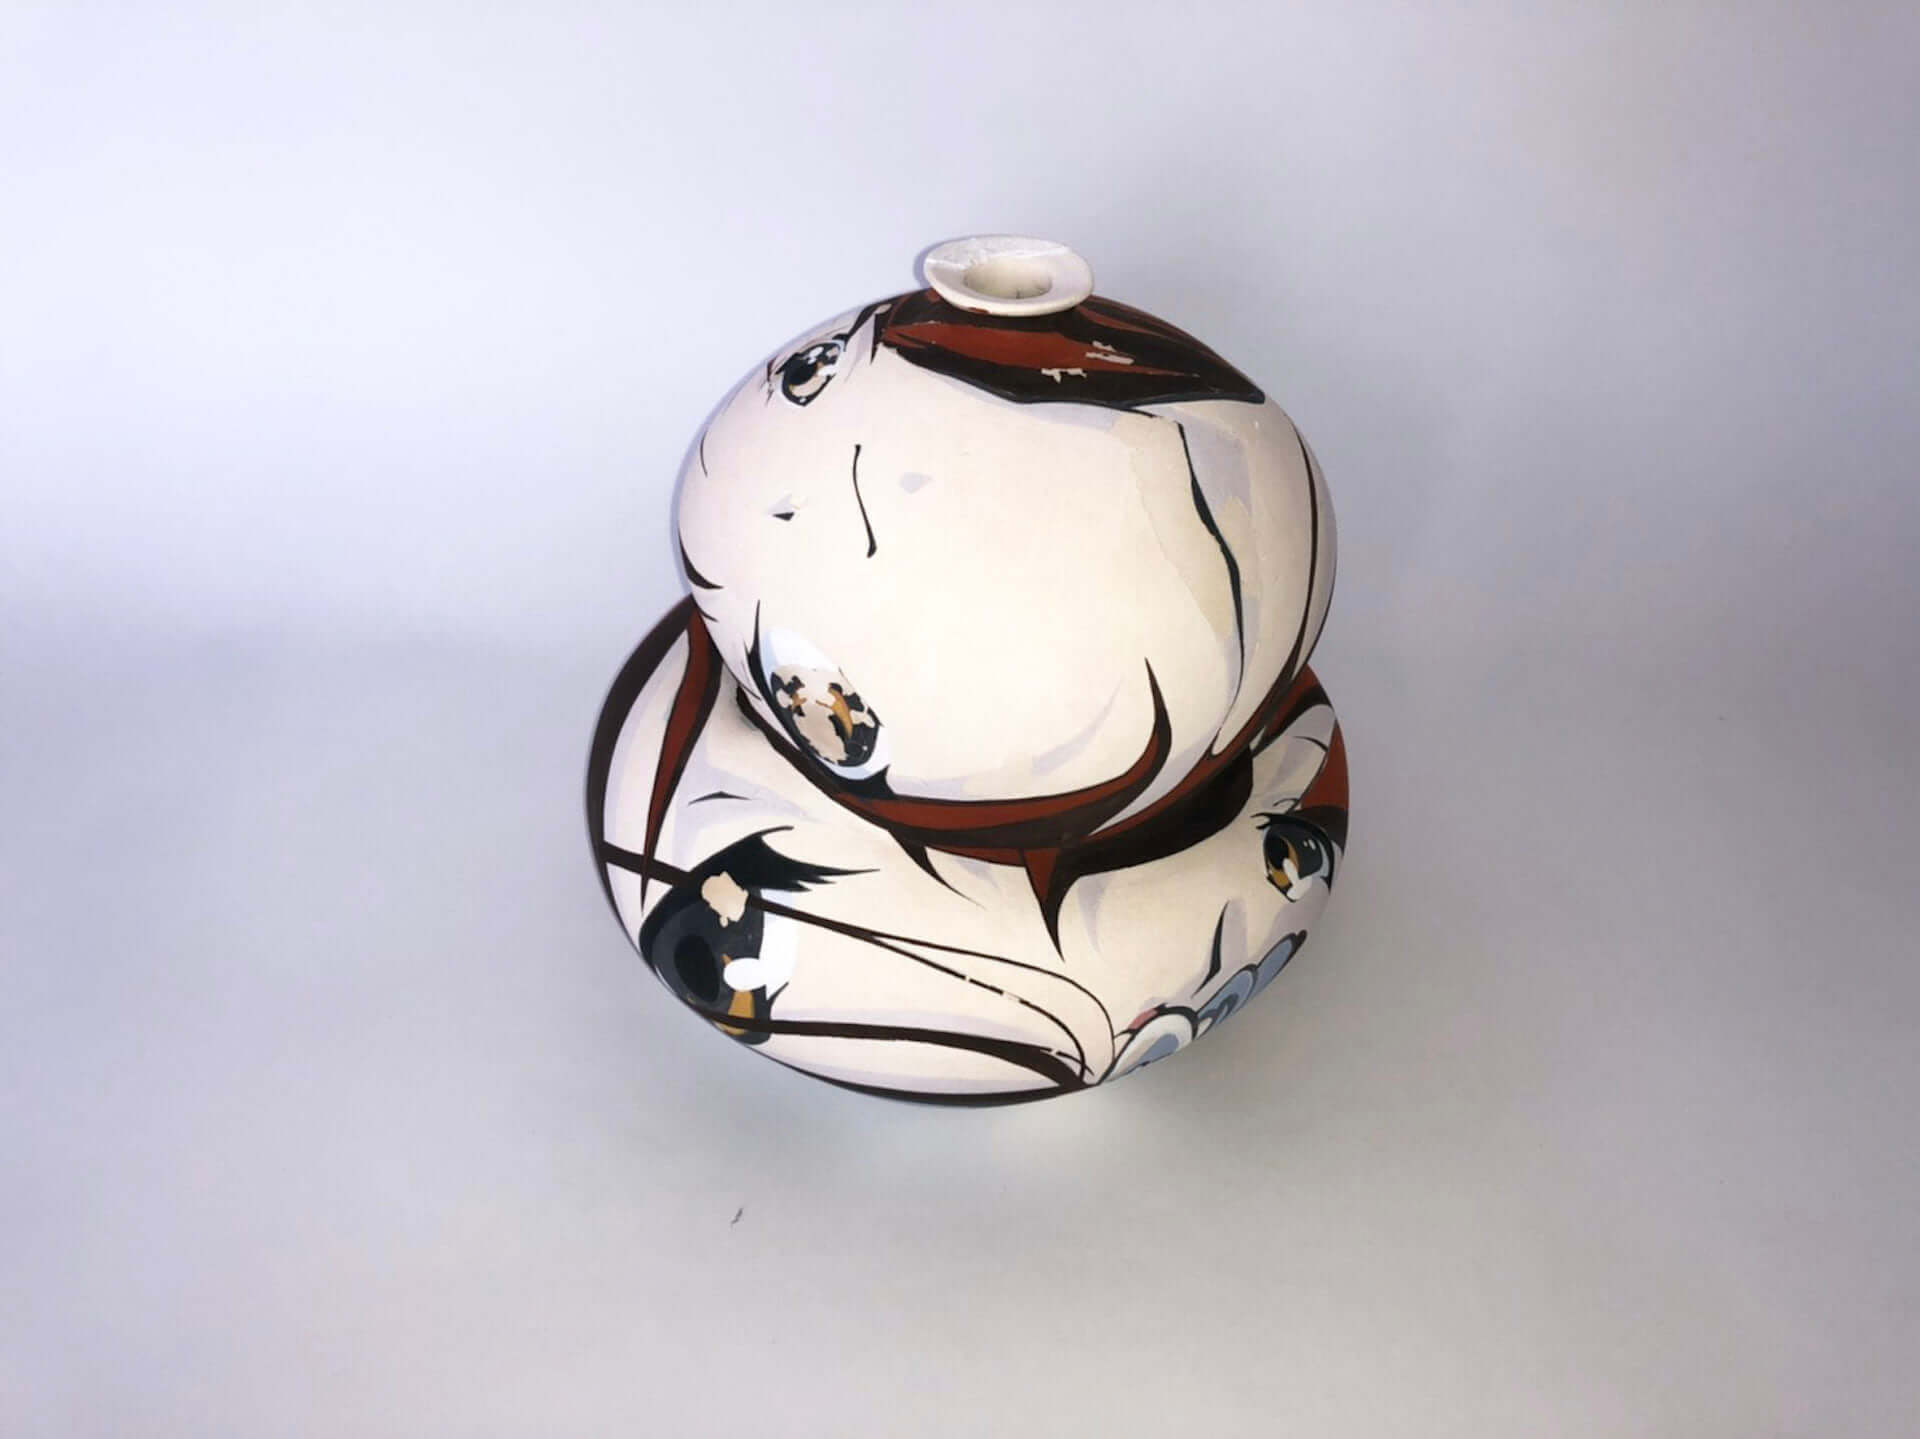 """渋谷PARCO「OIL by 美術手帖ギャラリー」にて若手陶芸家3名による""""仮想世代陶芸""""をテーマにしたグループ展が開催決定! art210217_virtual-generation-pottery_7-1920x1439"""